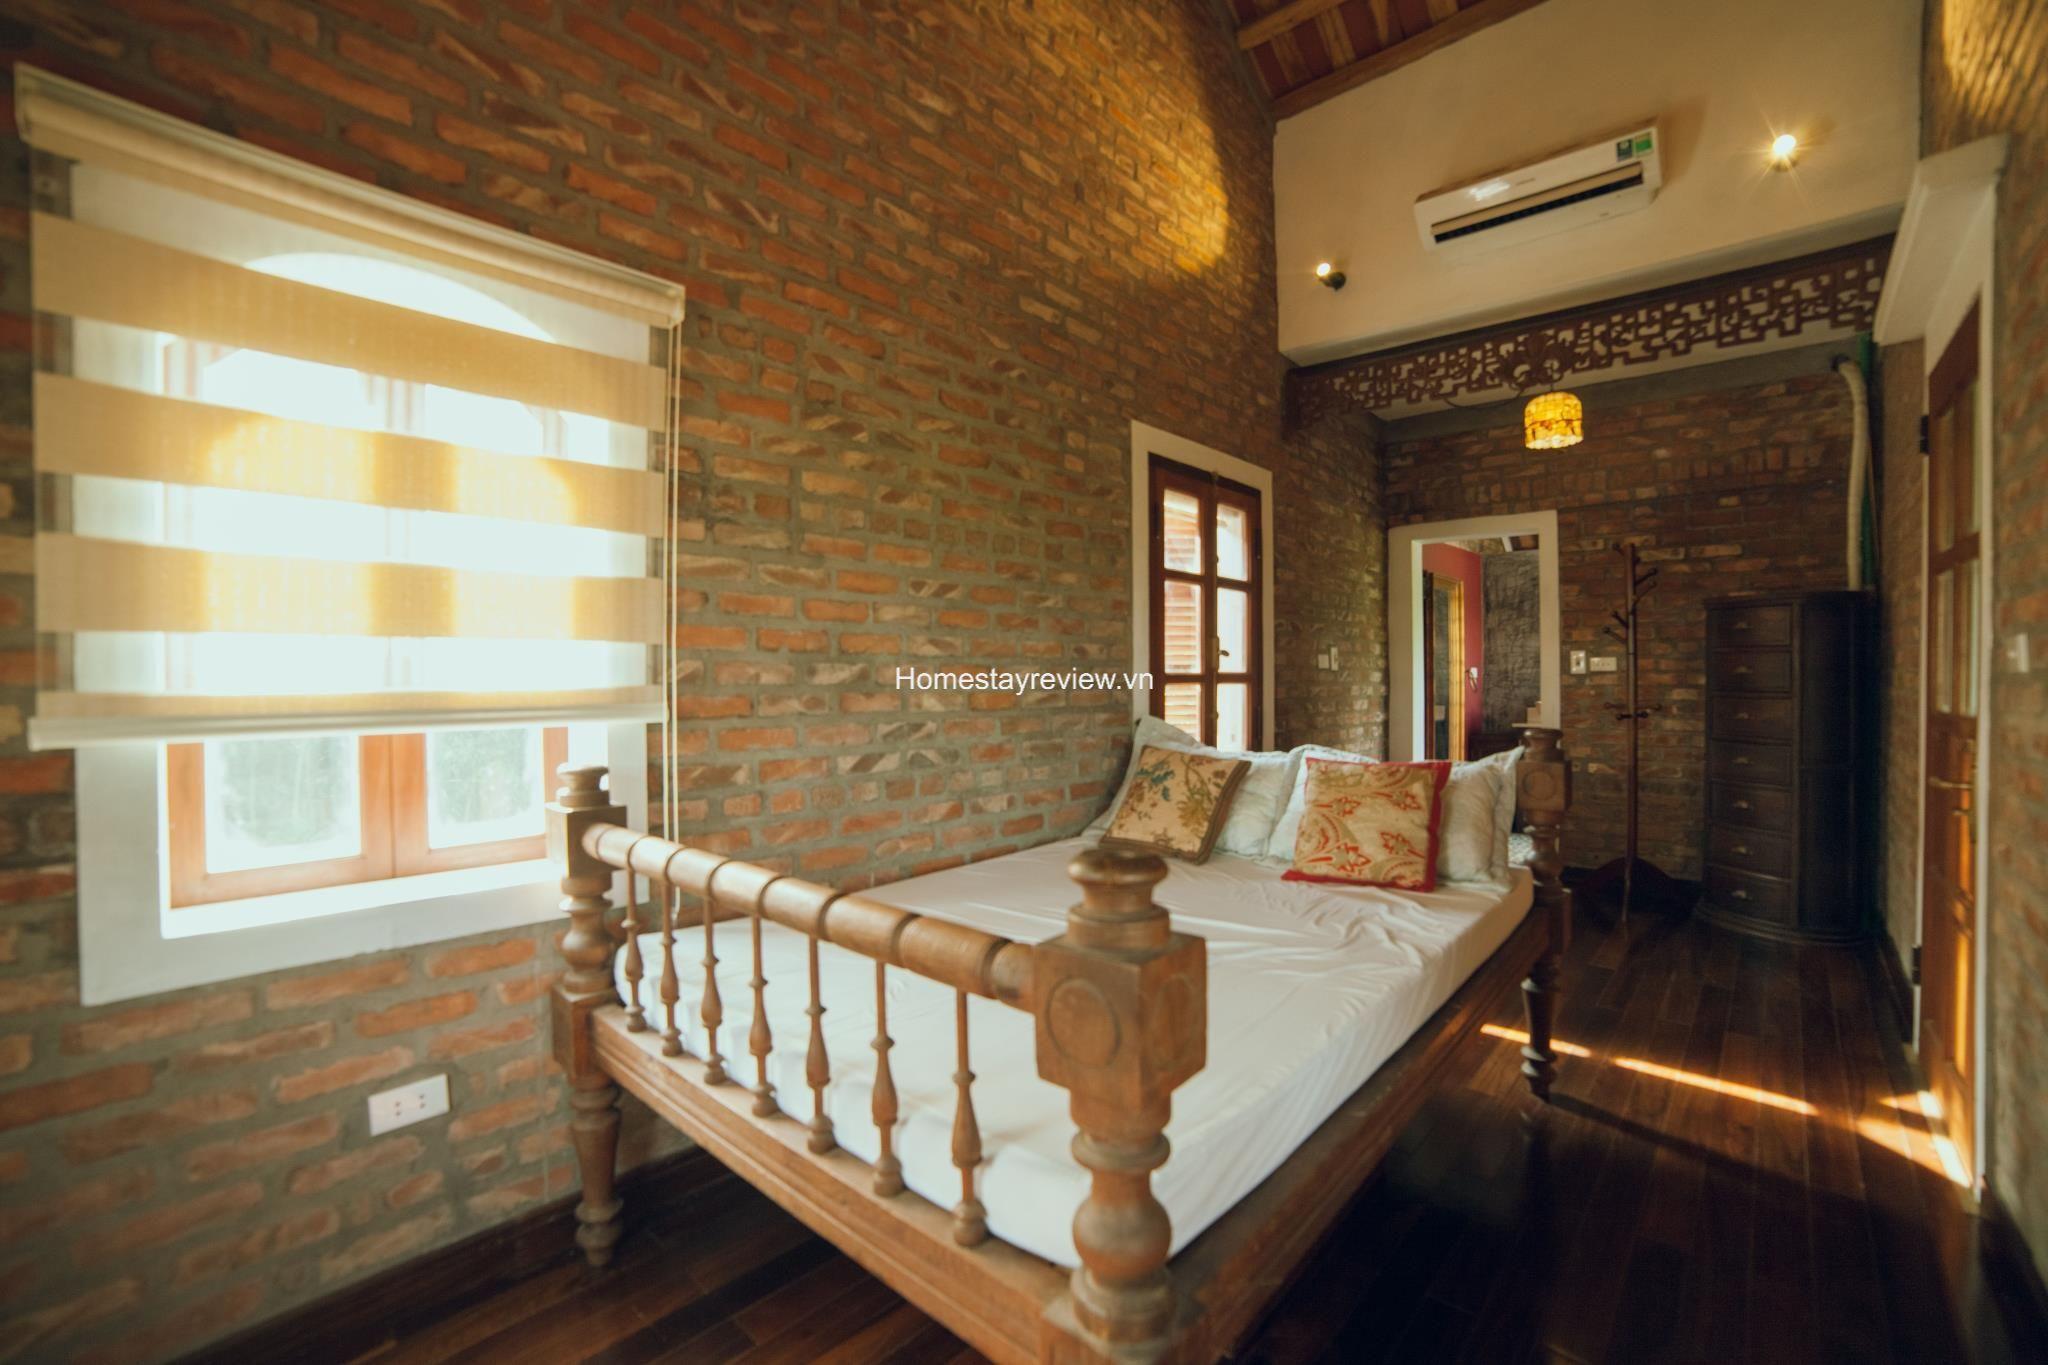 Top 10 Homestay Bắc Ninh giá rẻ view đẹp ở trung tâm đáng lưu trú